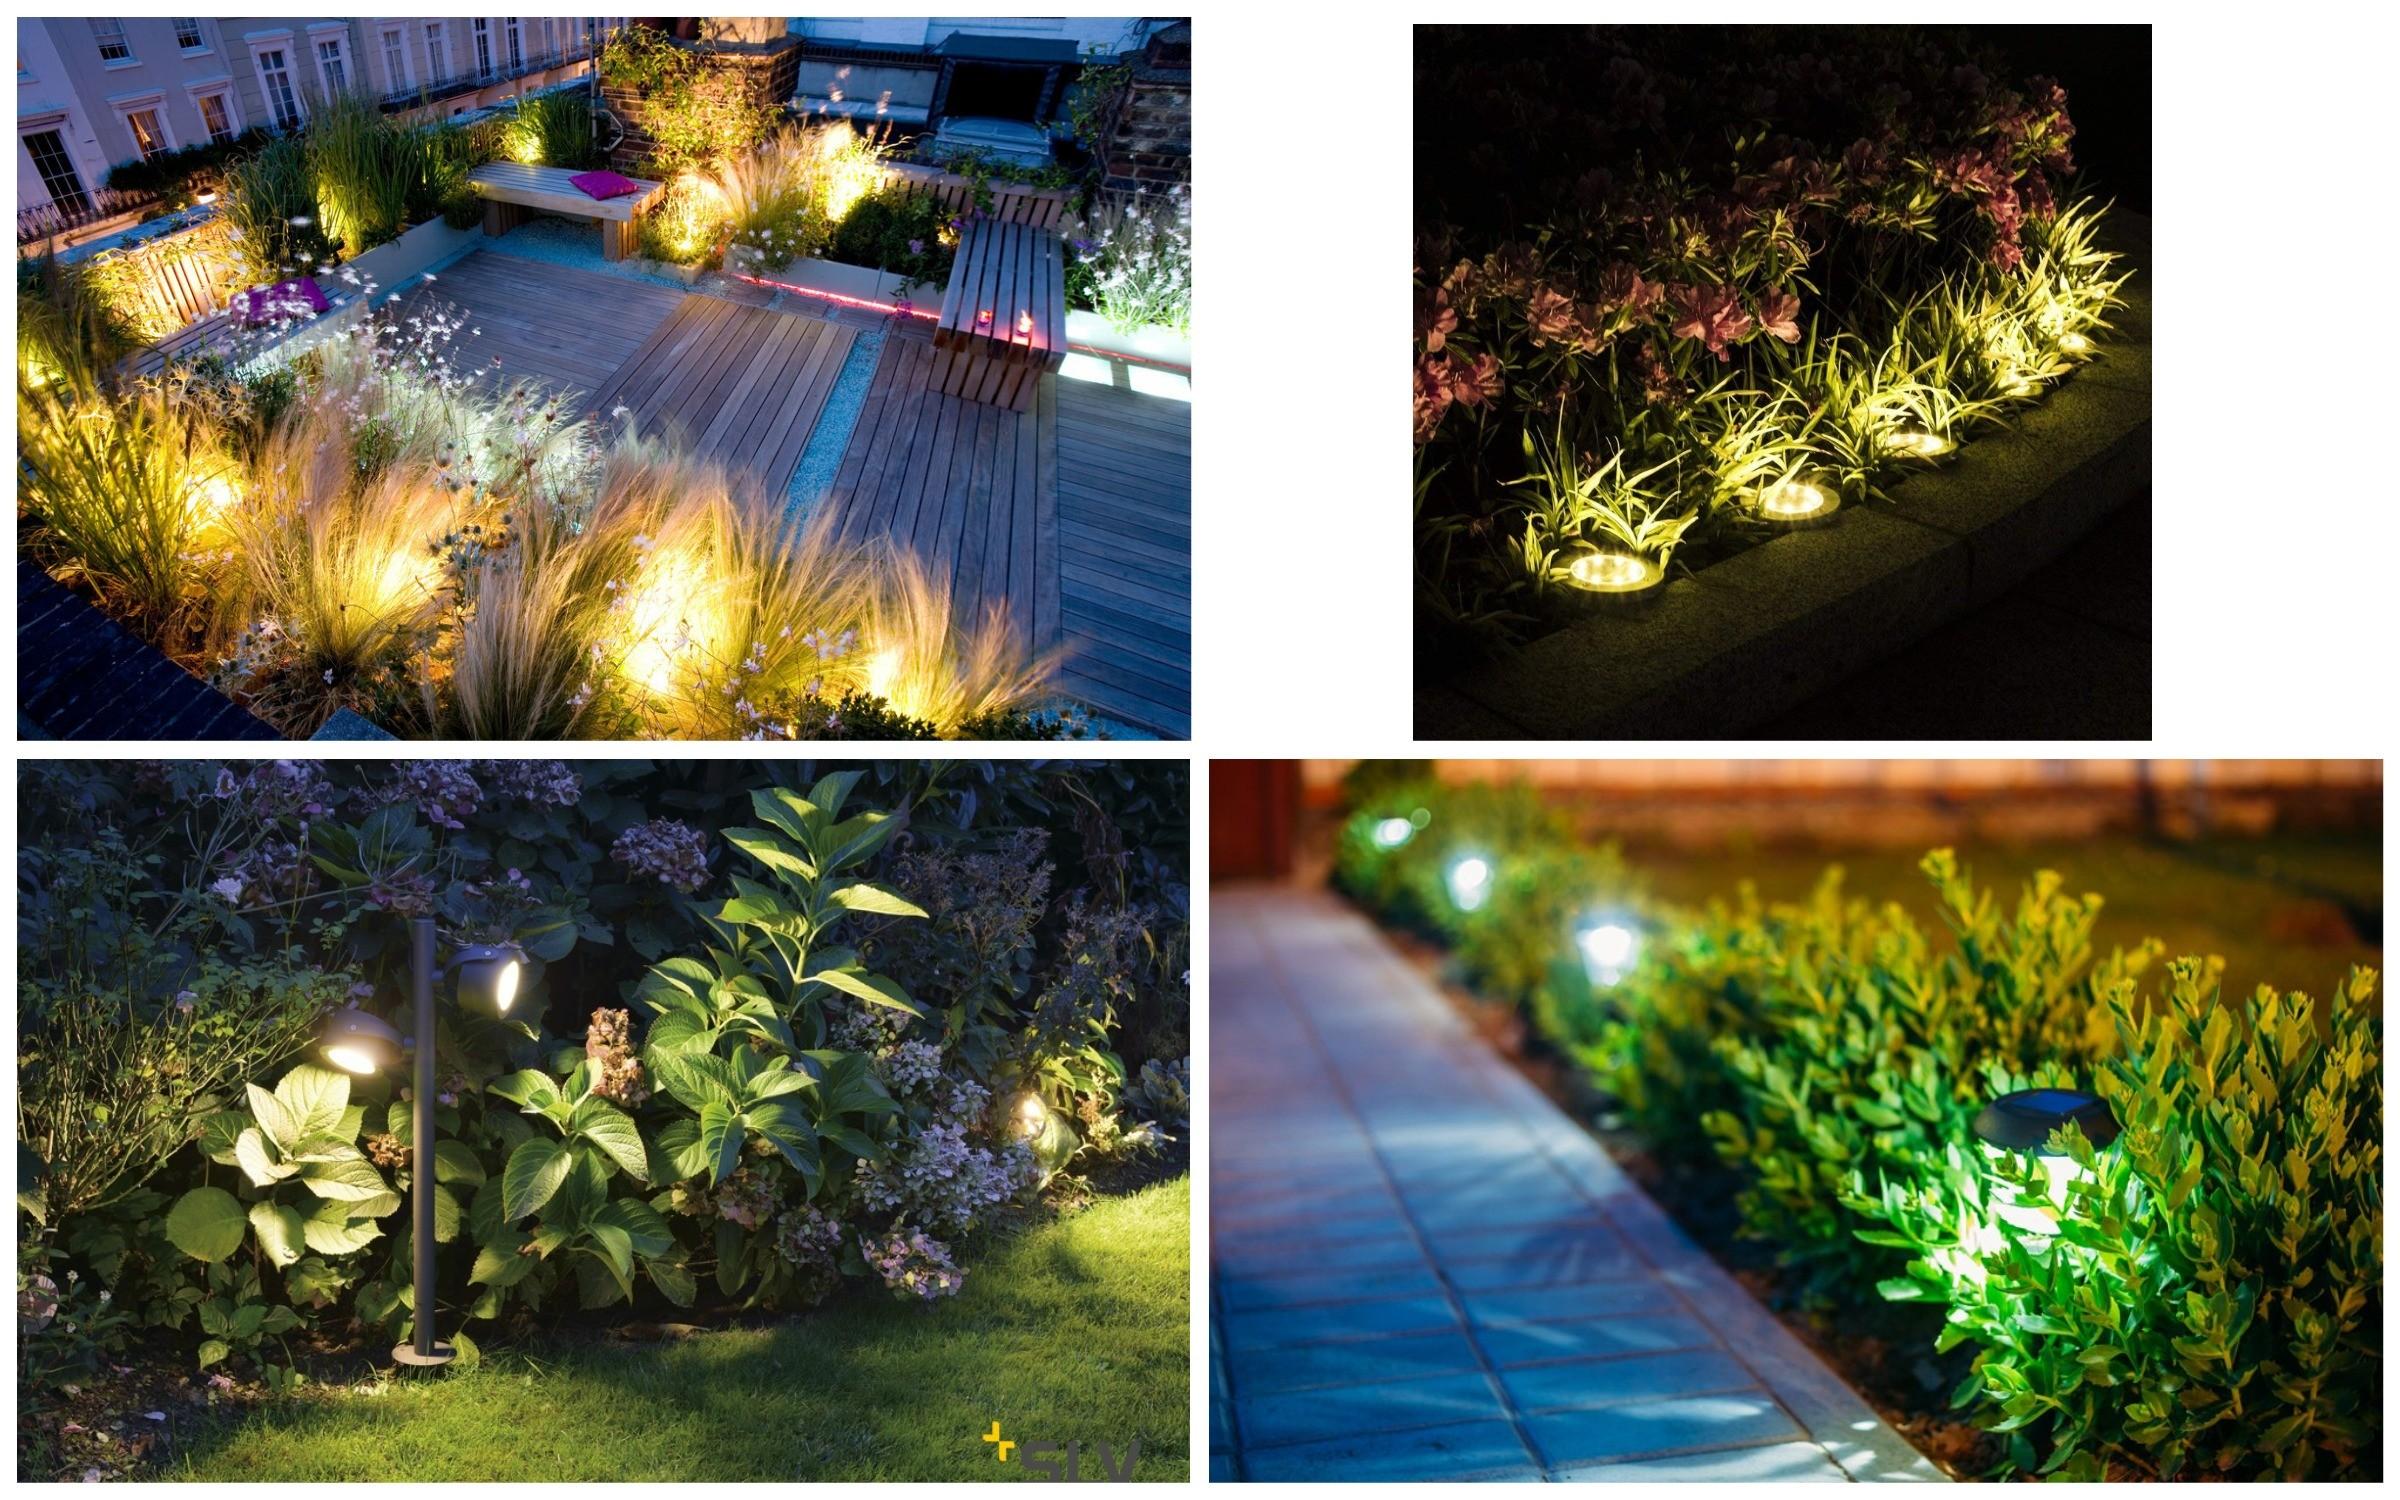 изображение освещения сада, растений и клумб